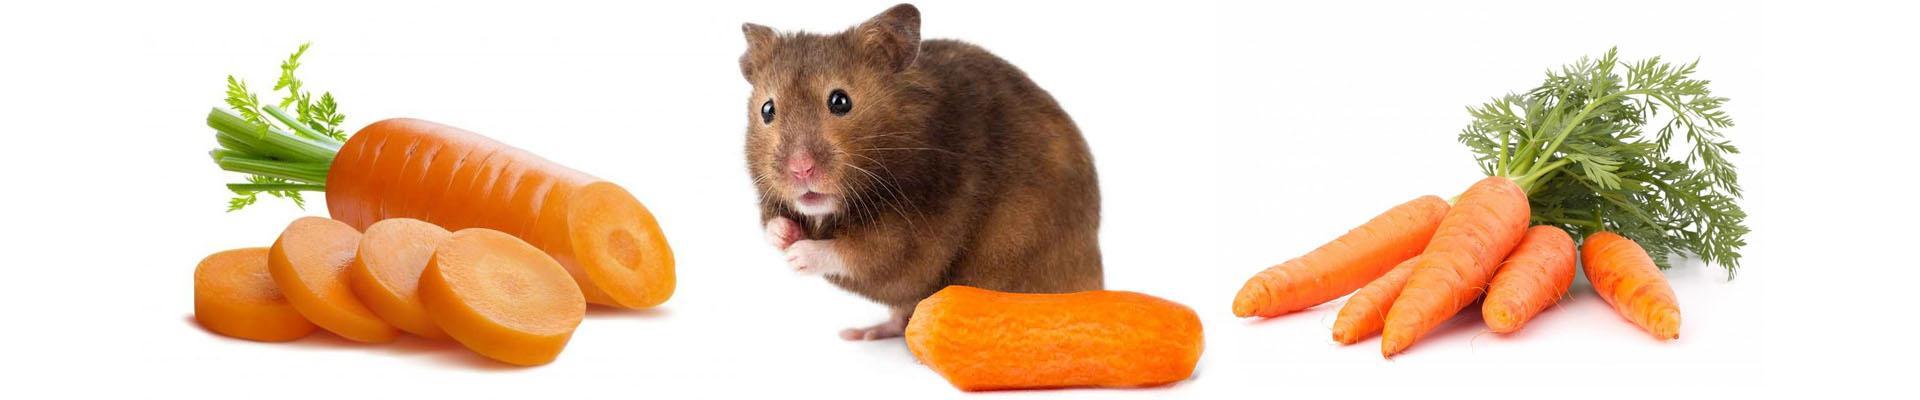 Можно ли хомяку морковь сырую, вареную или соленую